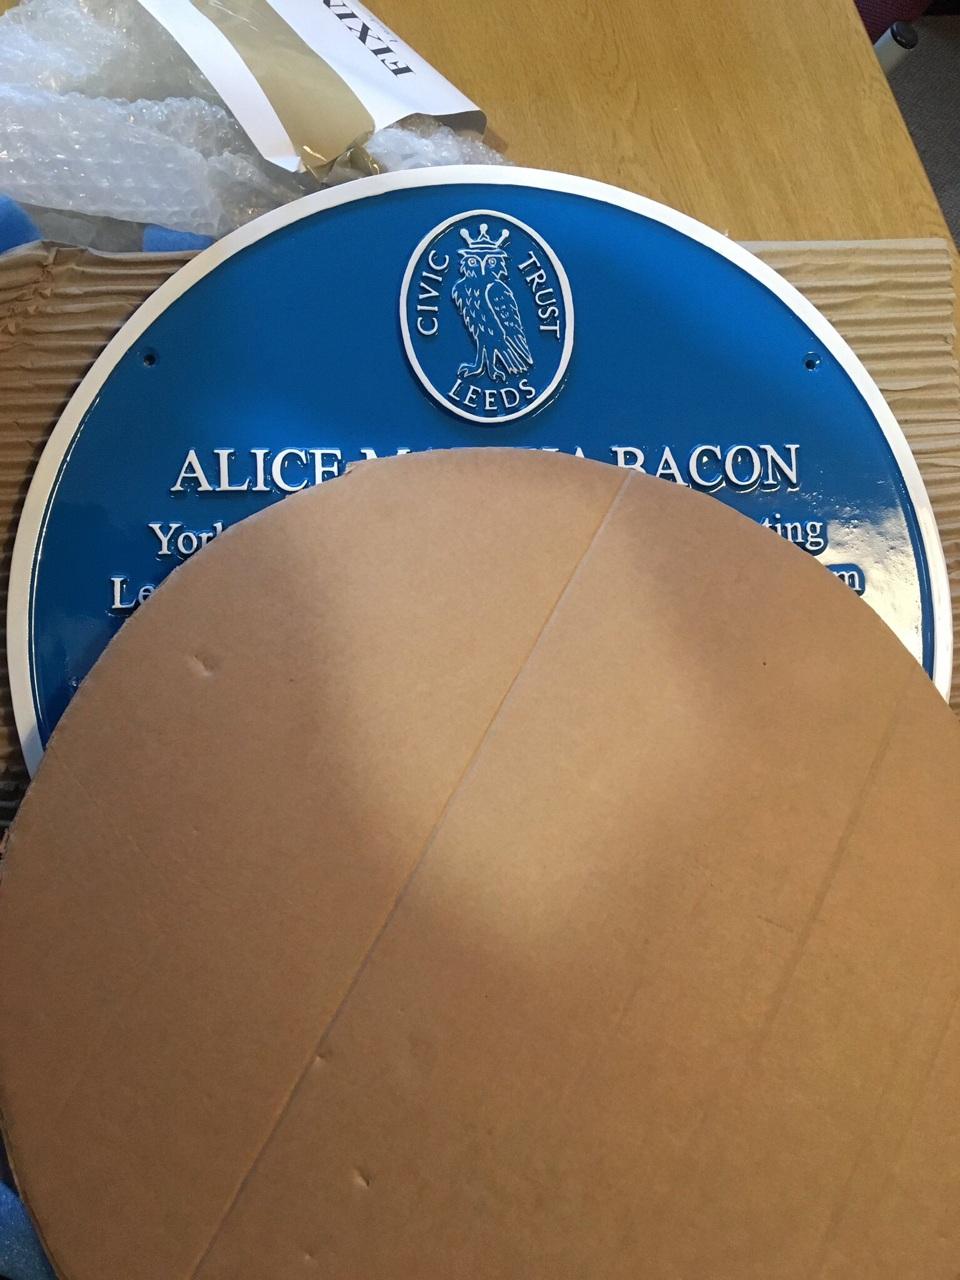 Alice+Bacon+Plaque.jpg